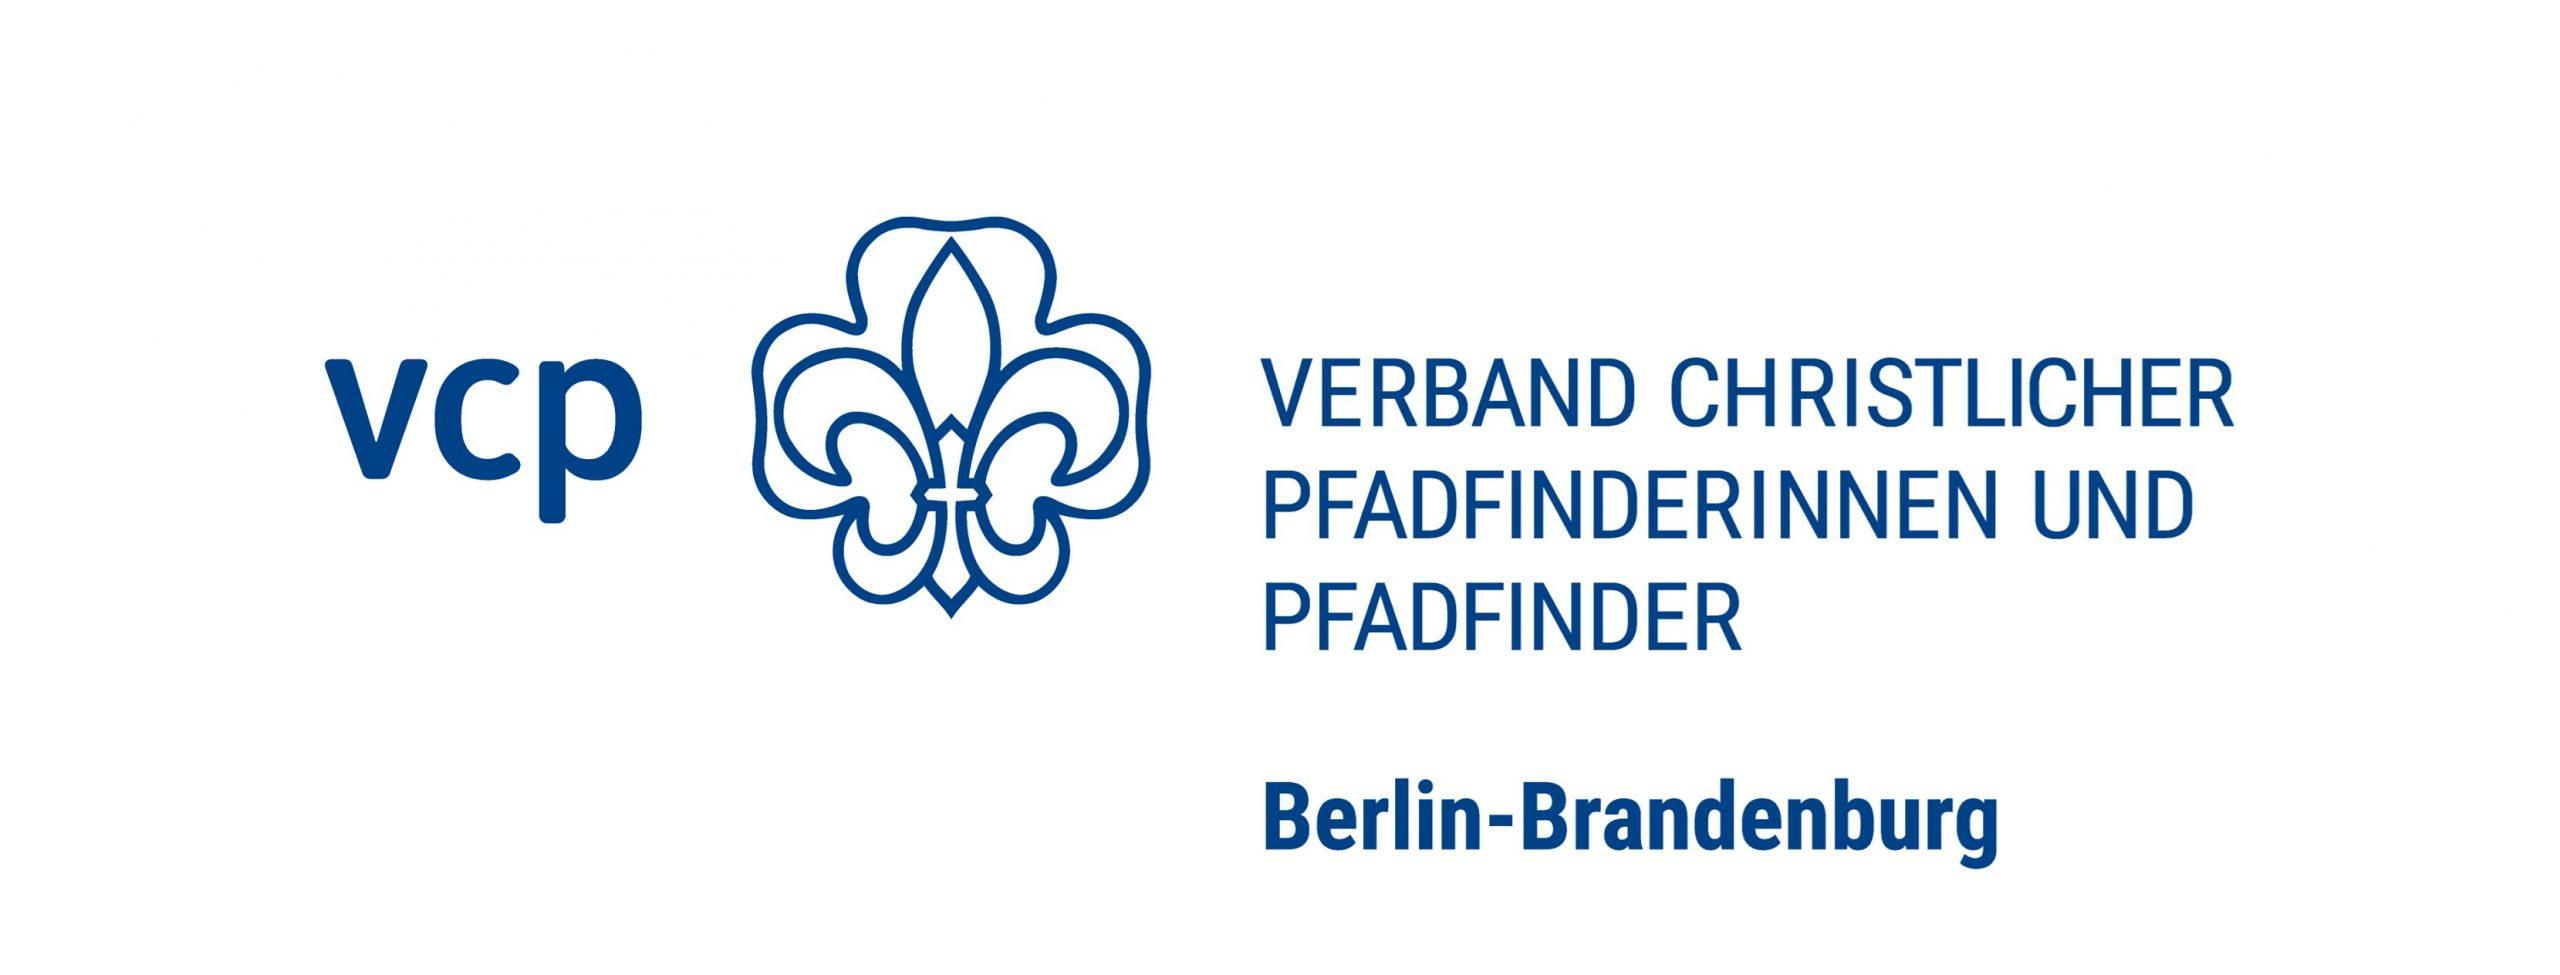 Verband Christlicher Pfadfinder Berlin-Brandenburg